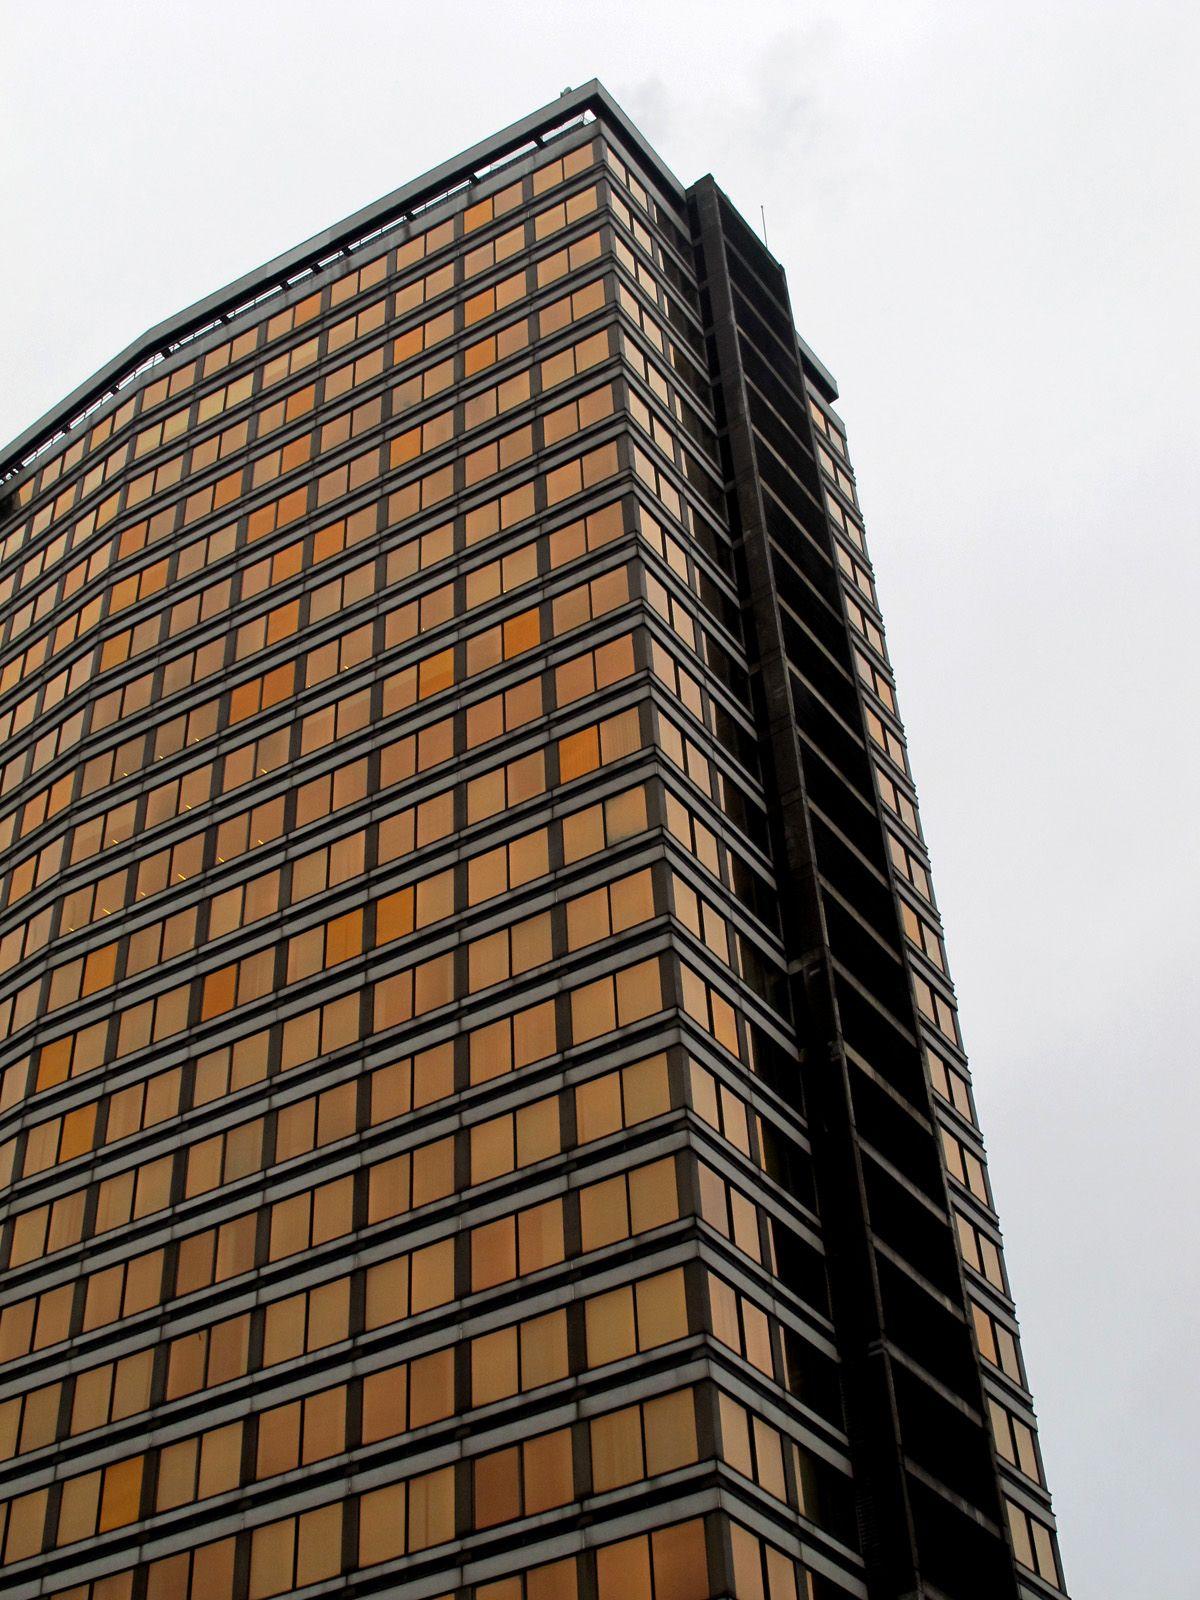 Towering building in #Antwerp #Belgium